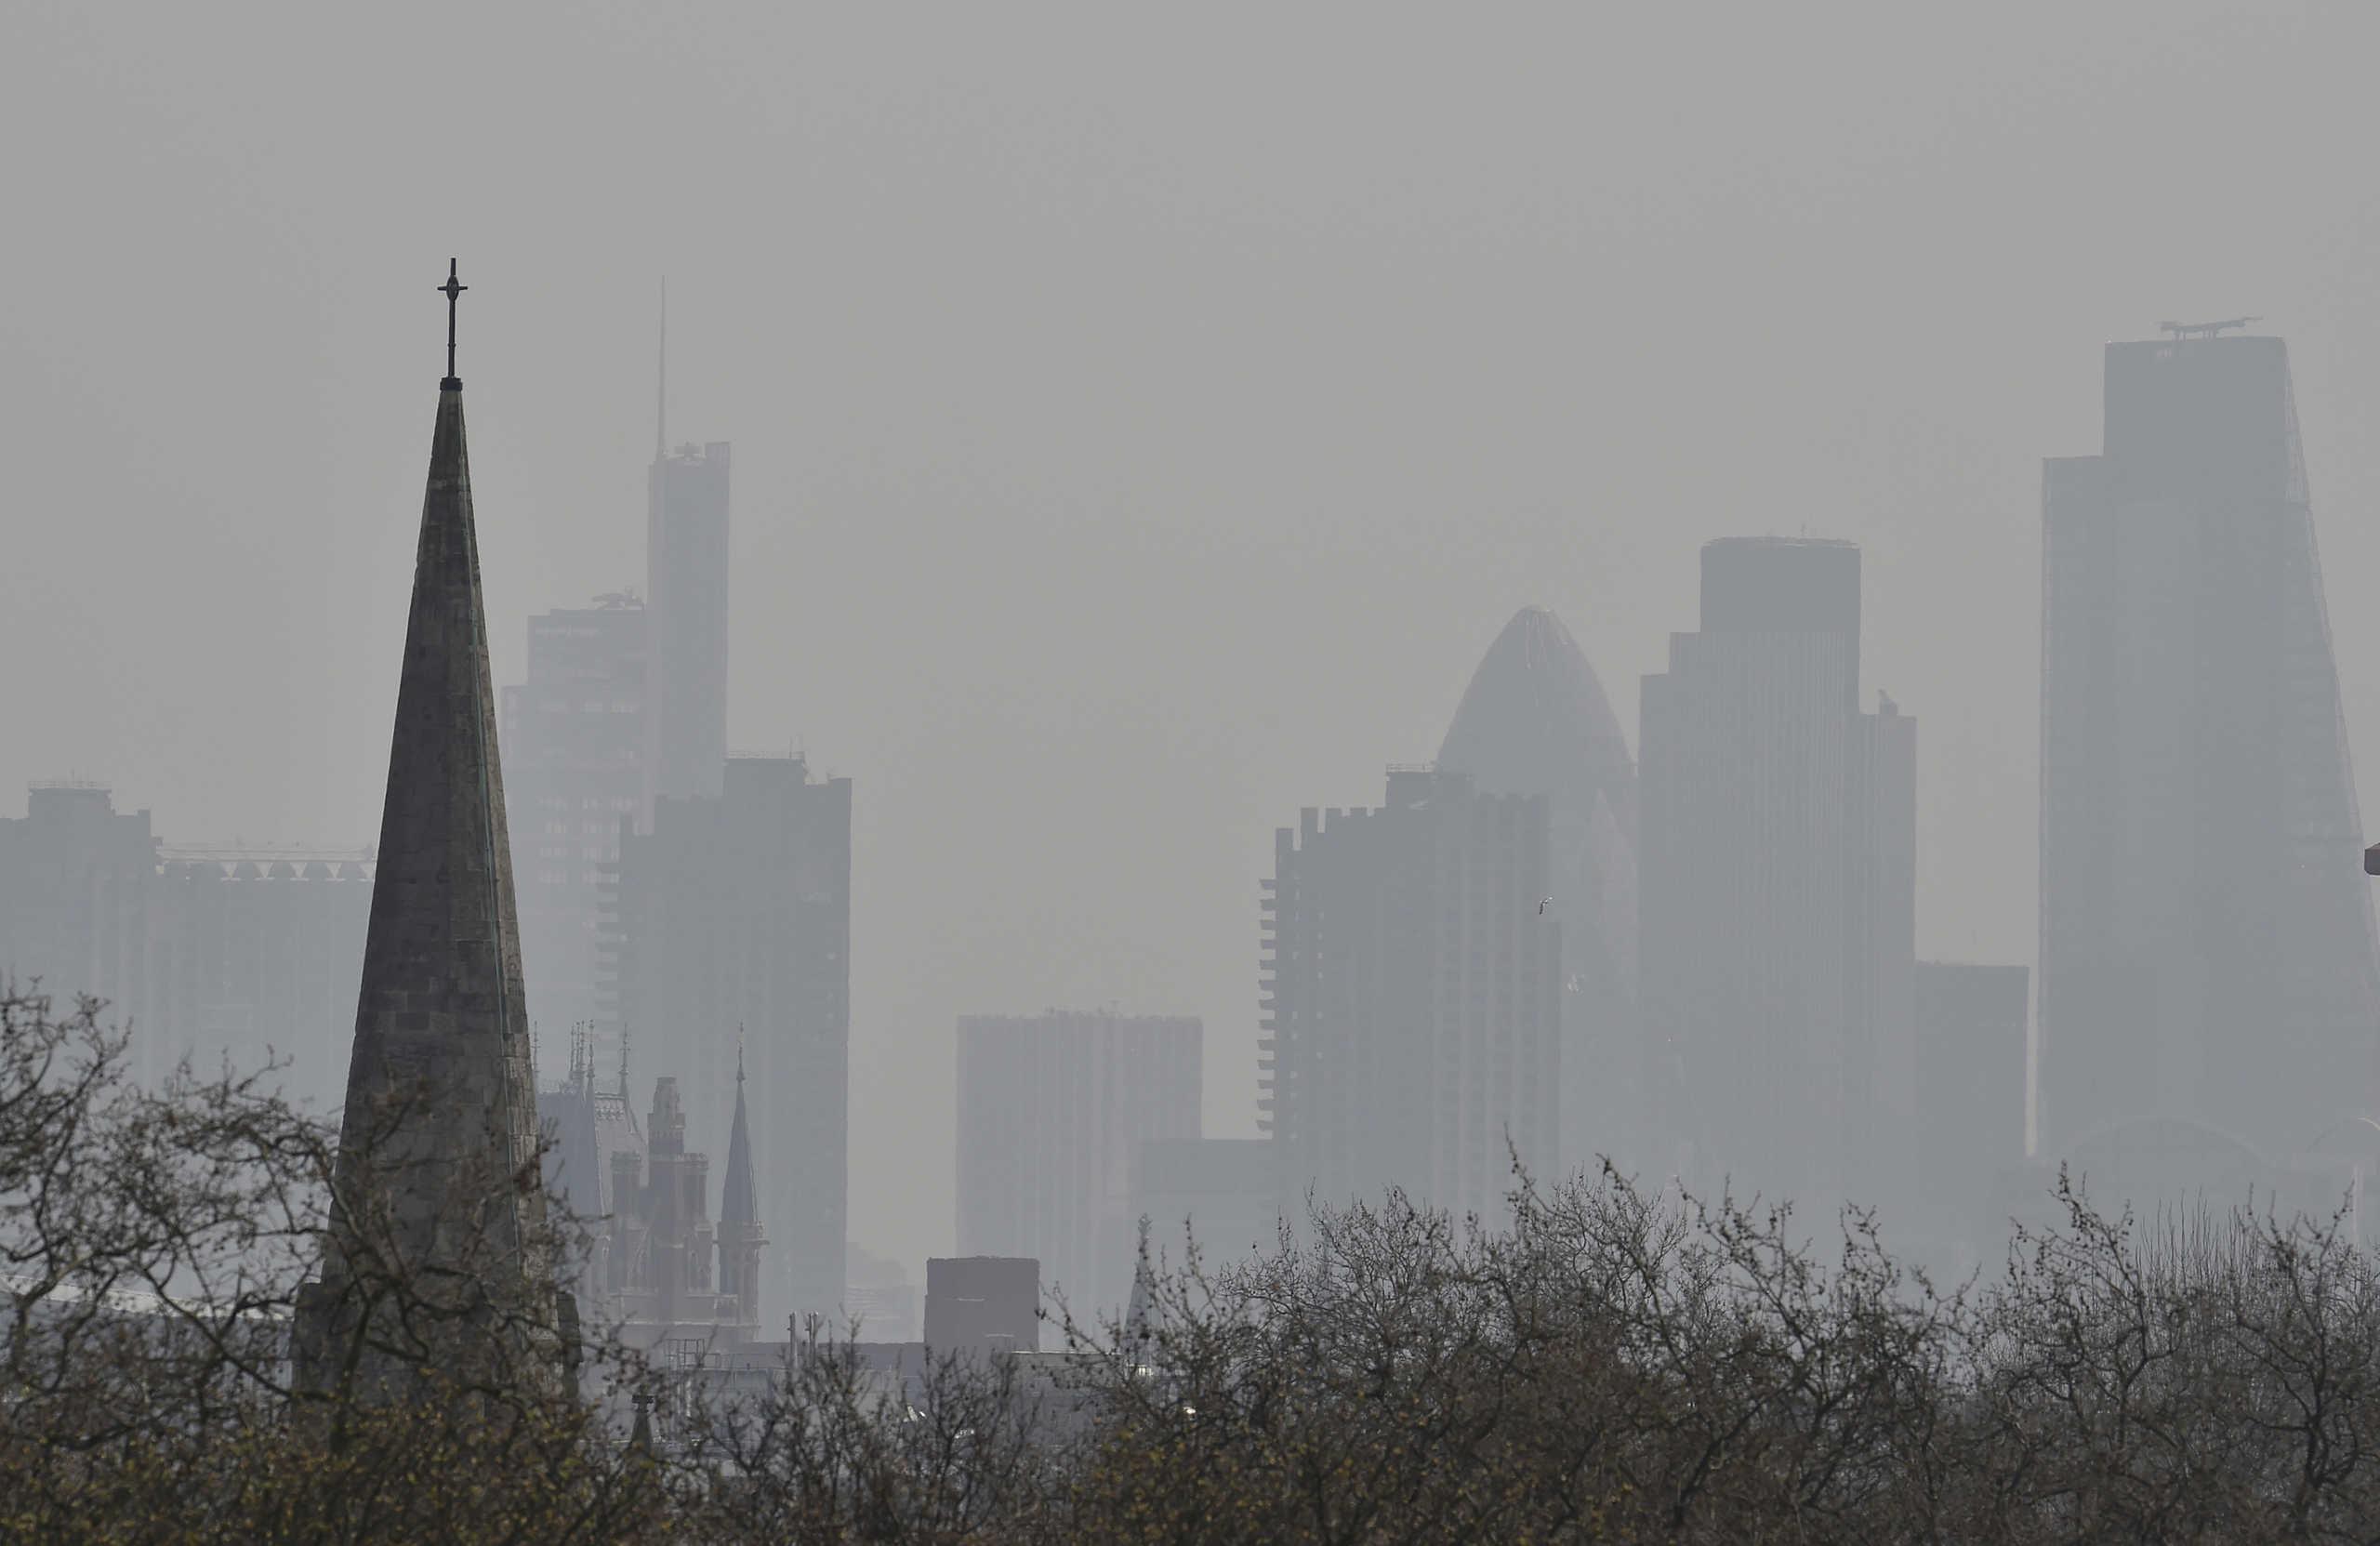 Απόφαση «σταθμός» από βρετανικό δικαστήριο – «Η ατμοσφαιρική ρύπανση συνέβαλε στον θάνατο κοριτσιού»